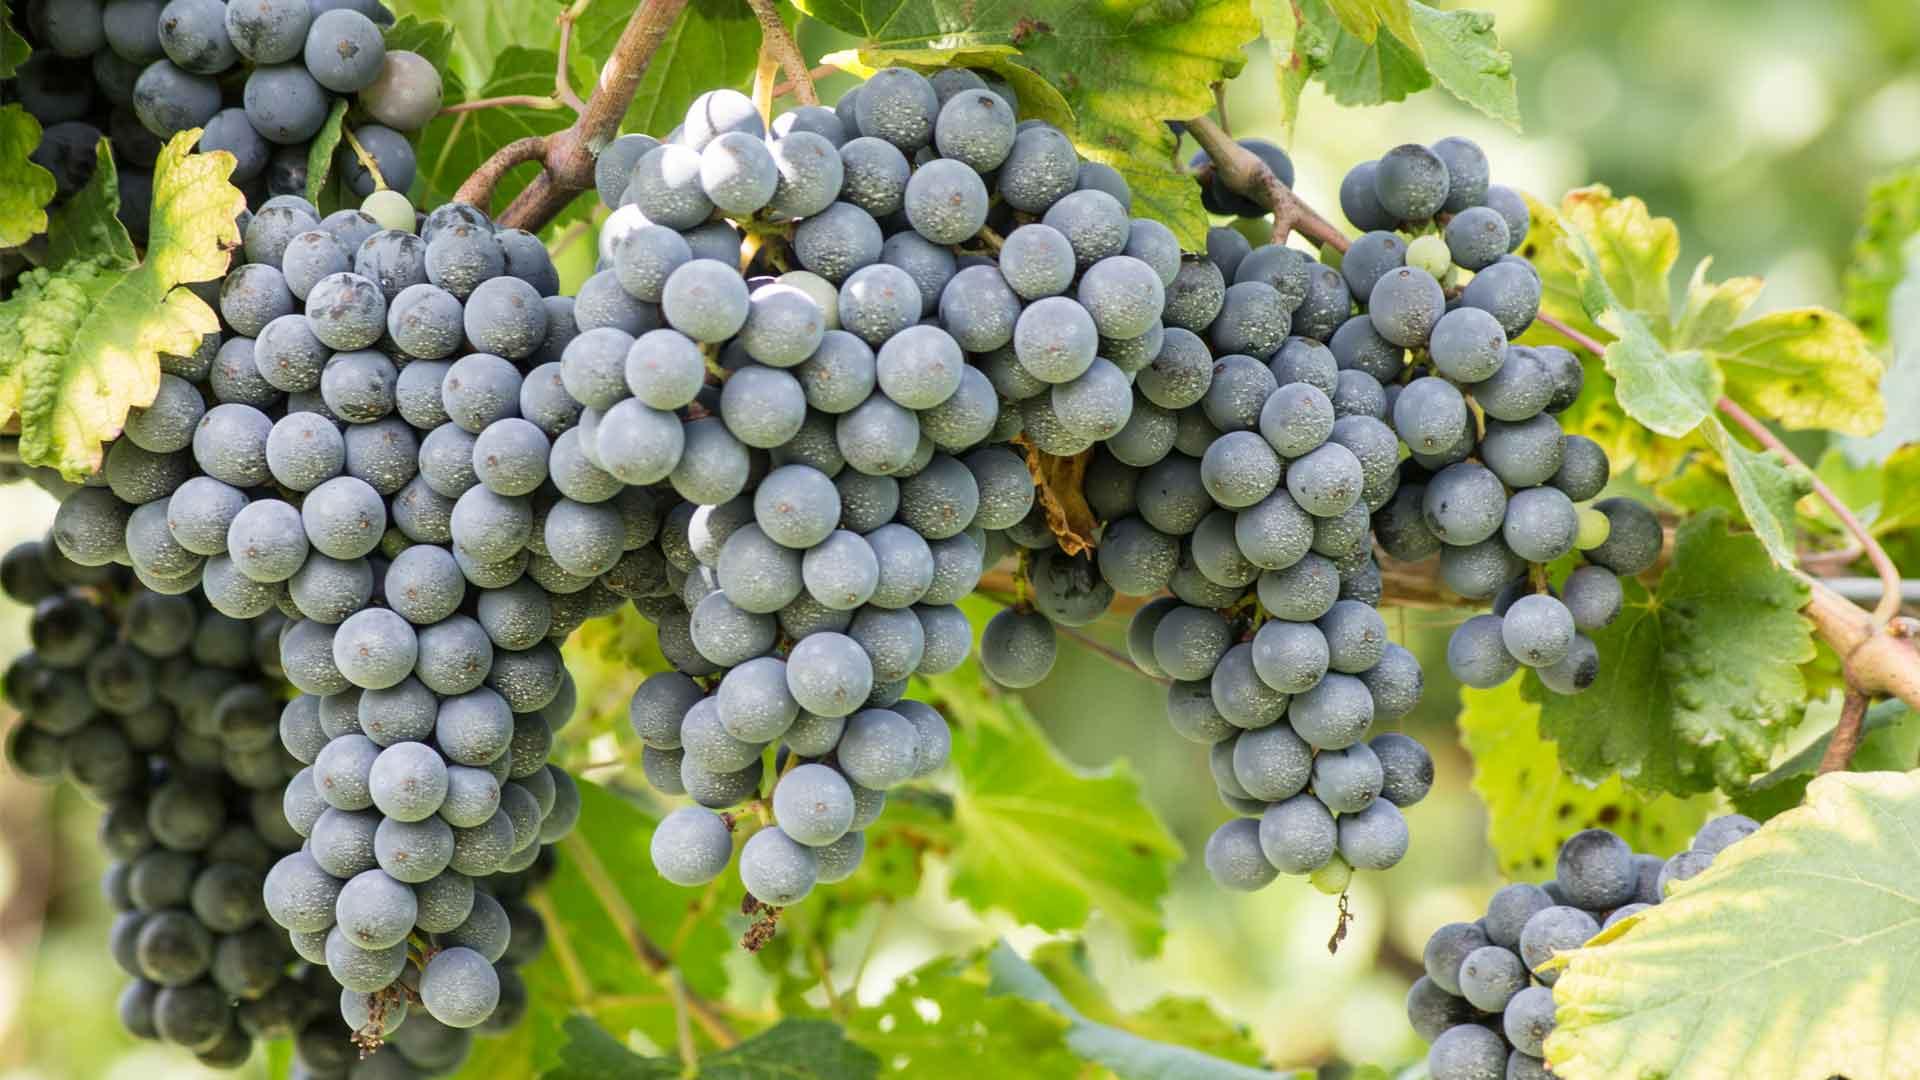 Conoce Riunite Lambrusco, de los vinos italianos más influyentes